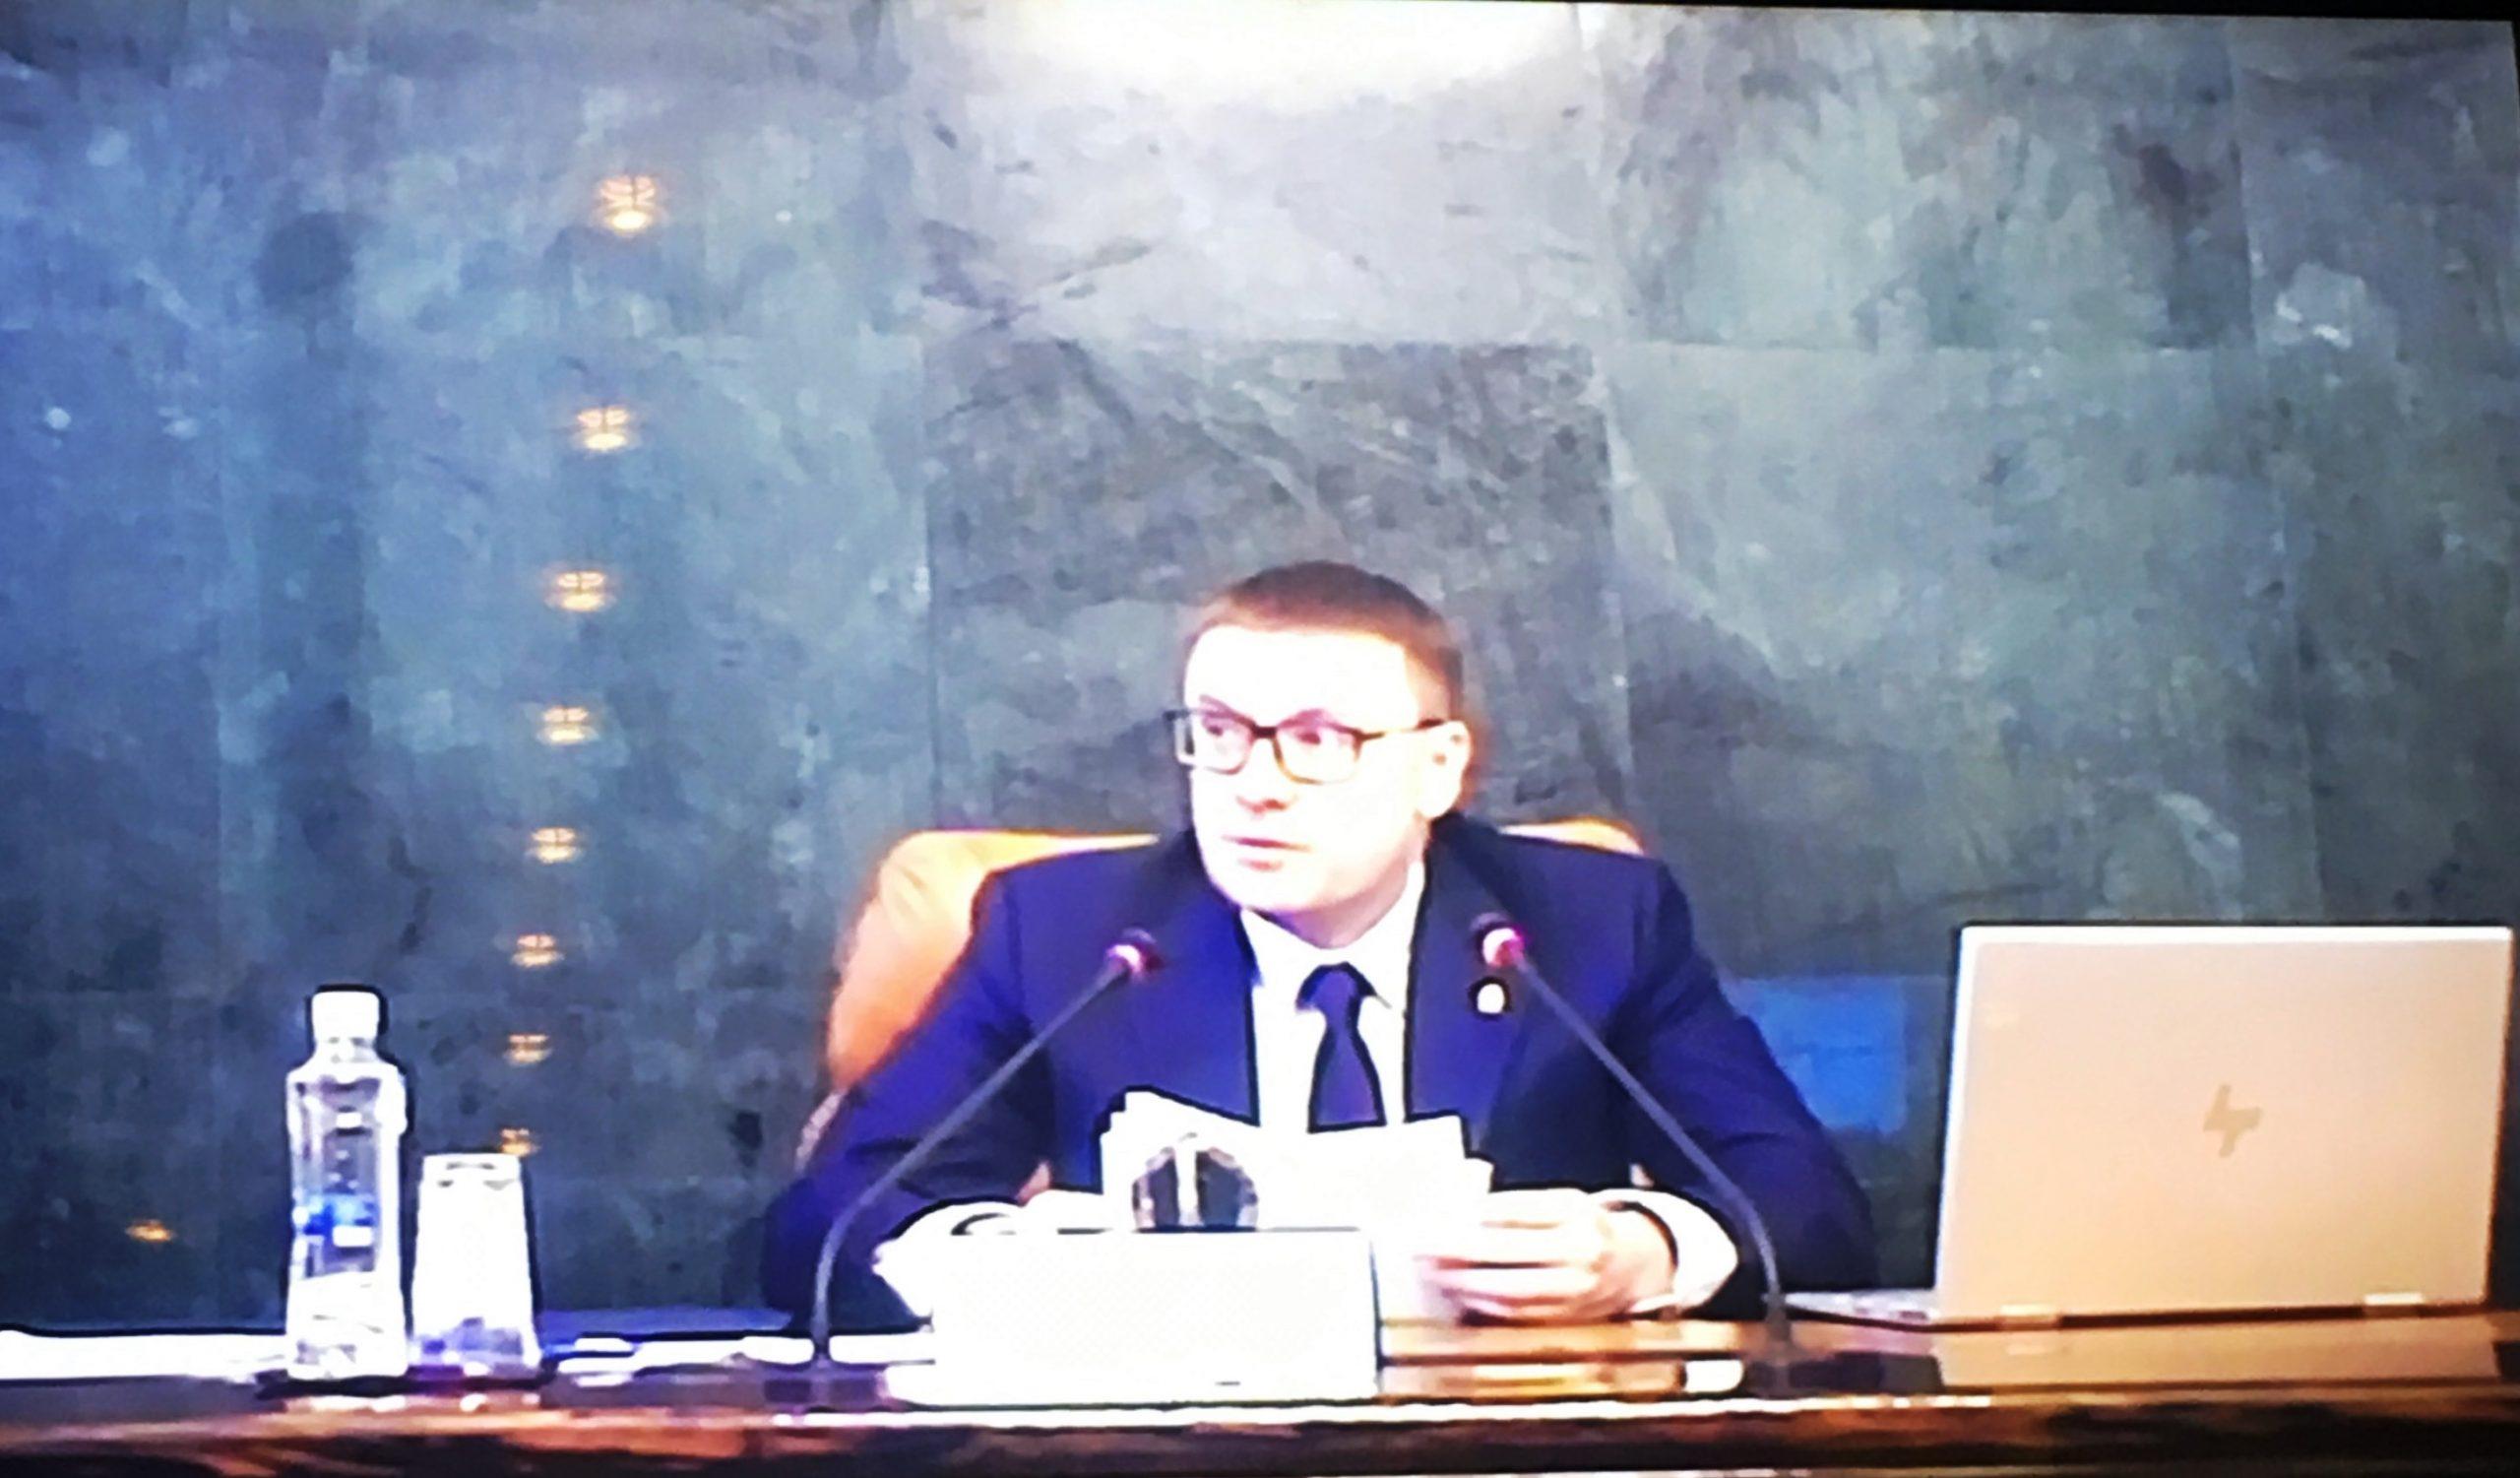 Сегодня на заседании Правительства Челябинской области с участием Губернатора Алексея Текслера были приняты ряд проектов постановлений, в том числе в сфере жилищно-коммунального хозяйства